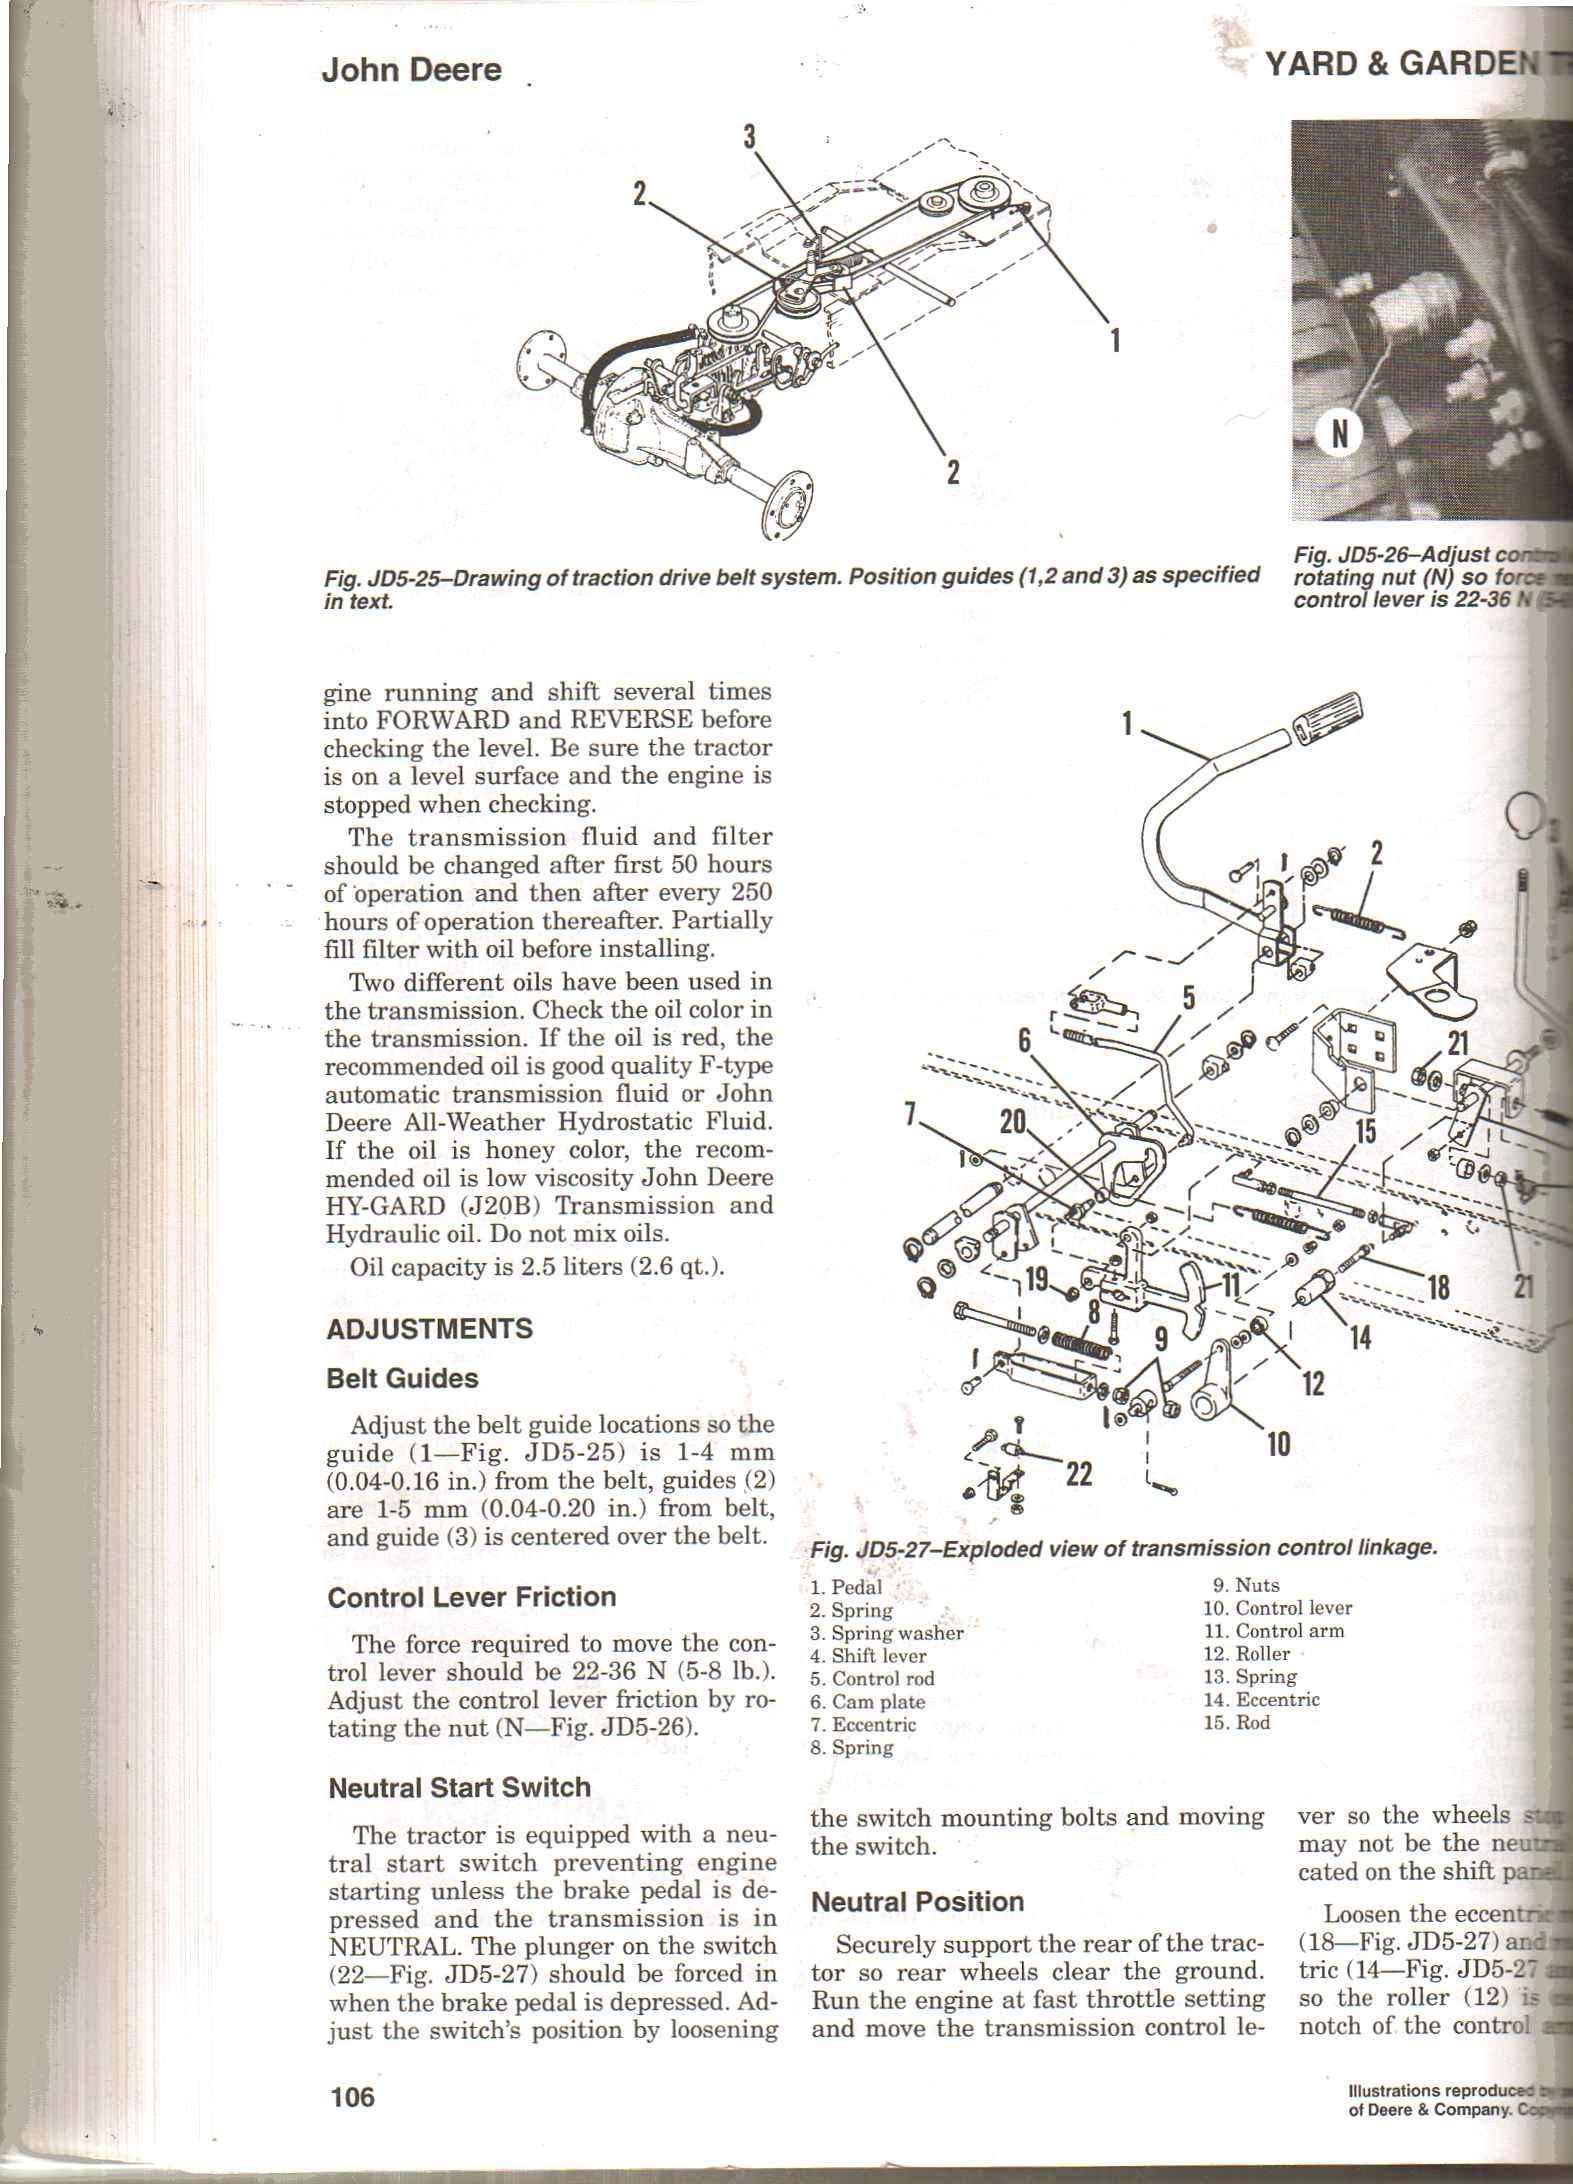 john deere 165 hydro drive belt diagram john wiring diagram and john deere 165 hydro drive belt diagram john wiring diagram and john deere drive